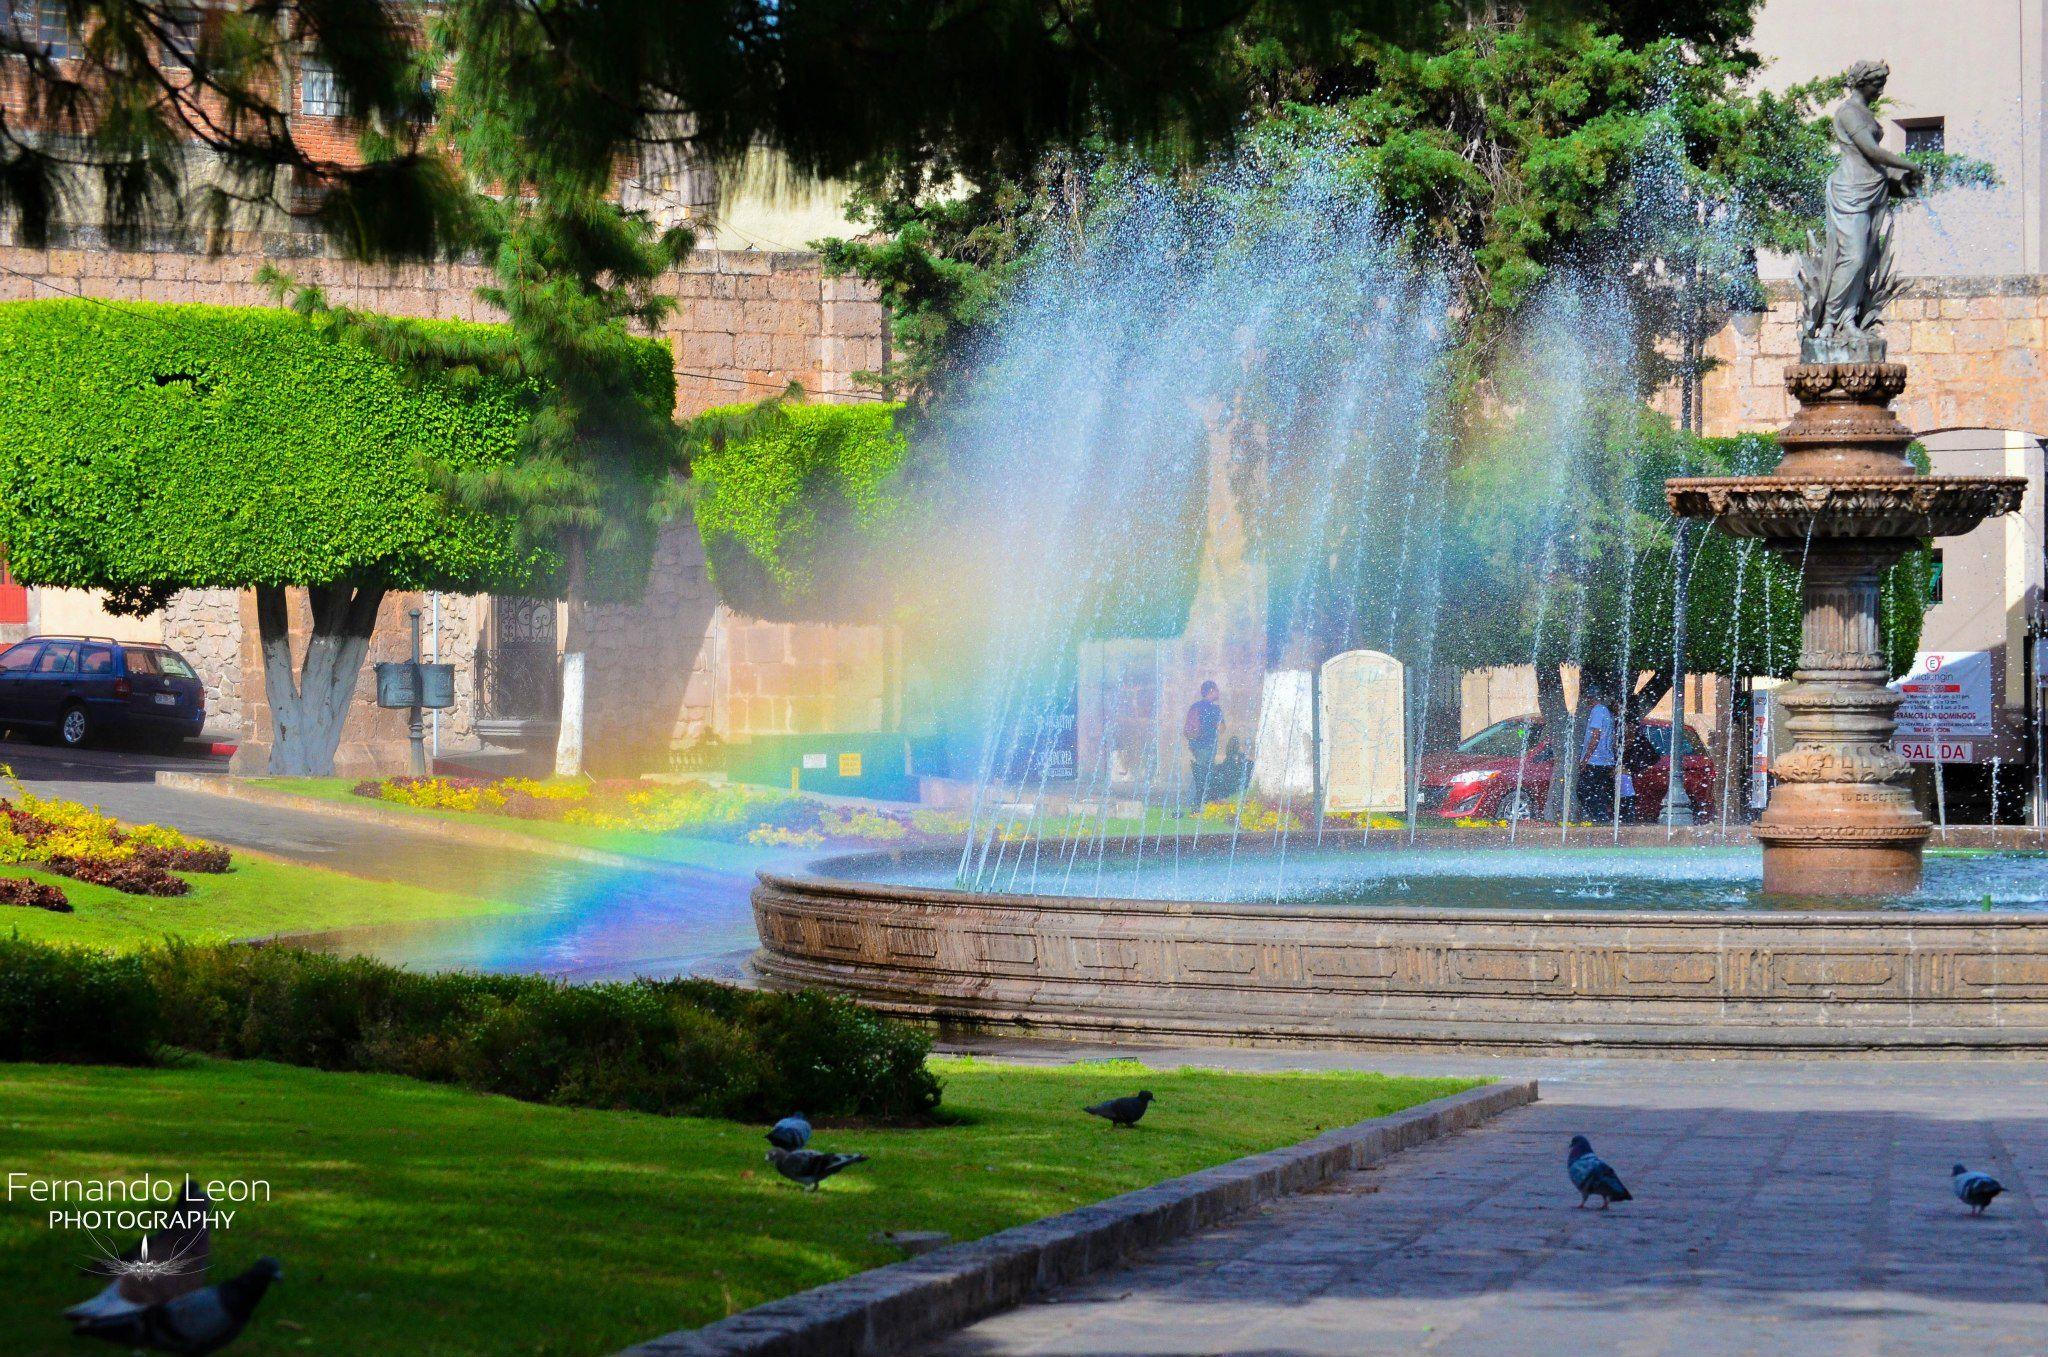 Viaja a la capital de Michoacán y admira la exquisita arquitectura de los edificios que conforman su Centro Histórico, reconocido, para orgullo de todos los mexicanos, como Patrimonio de la Humanidad por la UNESCO, en 1991. Hoy la ciudad conserva su maravillosa traza urbana, sus señoriales edificios, sus plazas, parques, museos, artesanías y excelentes restaurantes donde se degusta la deliciosa gastronomía de la región.